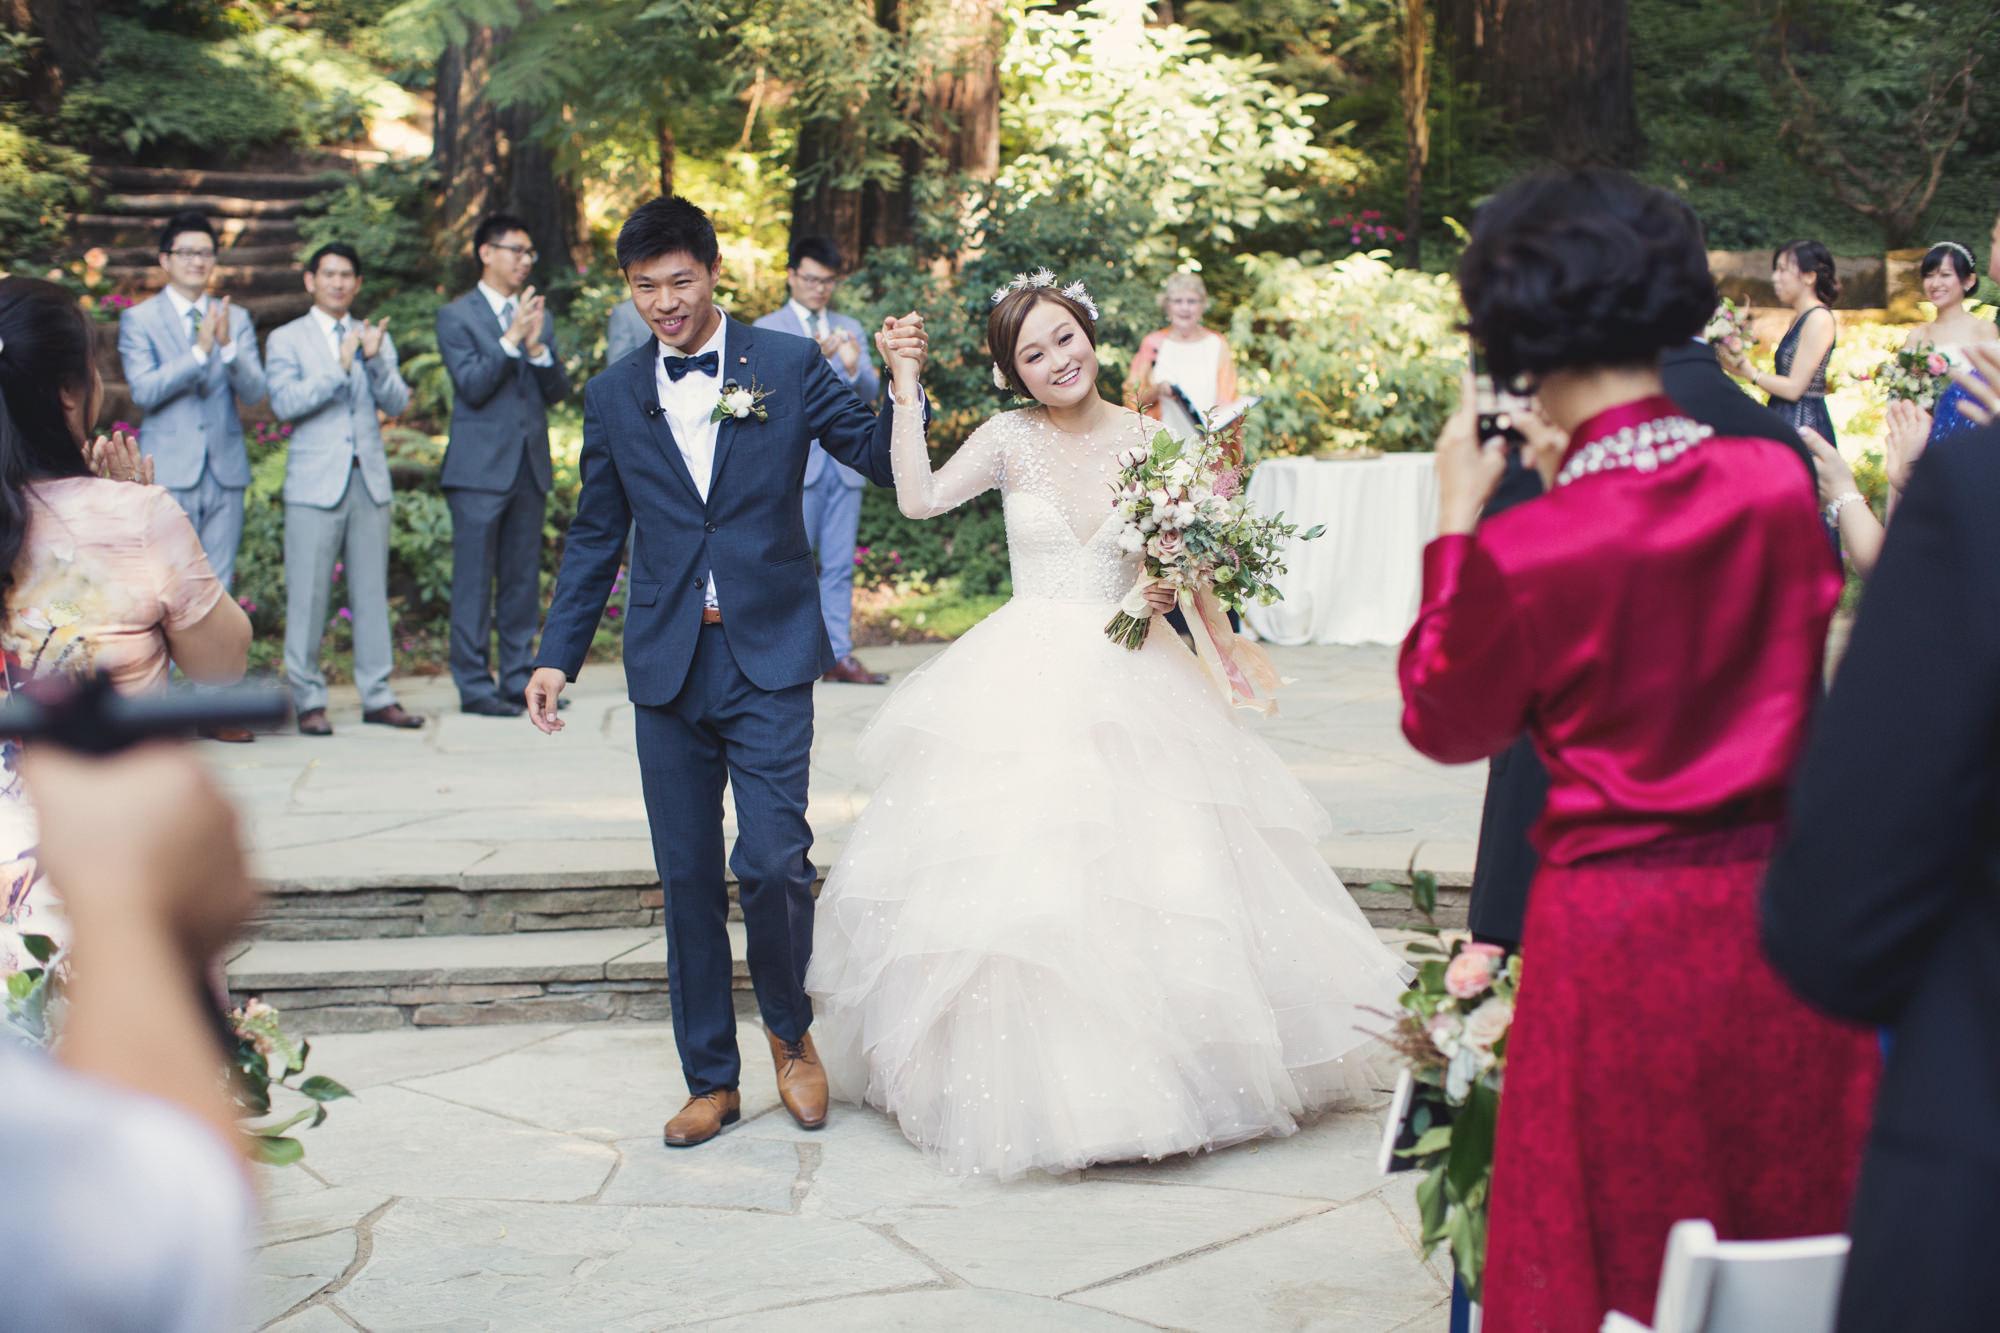 Fairytale Wedding in Nestldown ©Anne-Claire Brun 0030